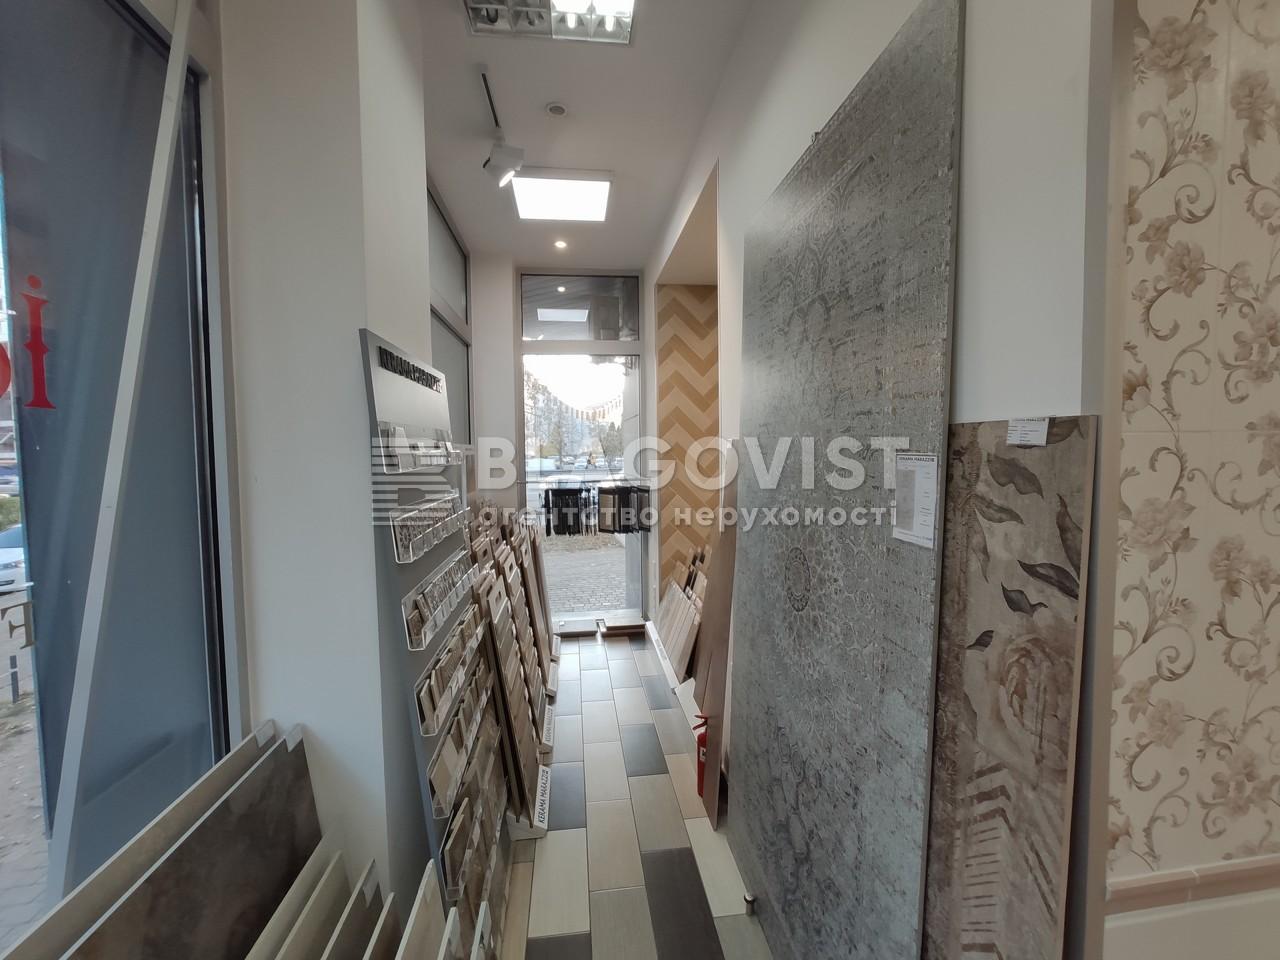 Нежилое помещение, Победы просп., Киев, D-35625 - Фото 5